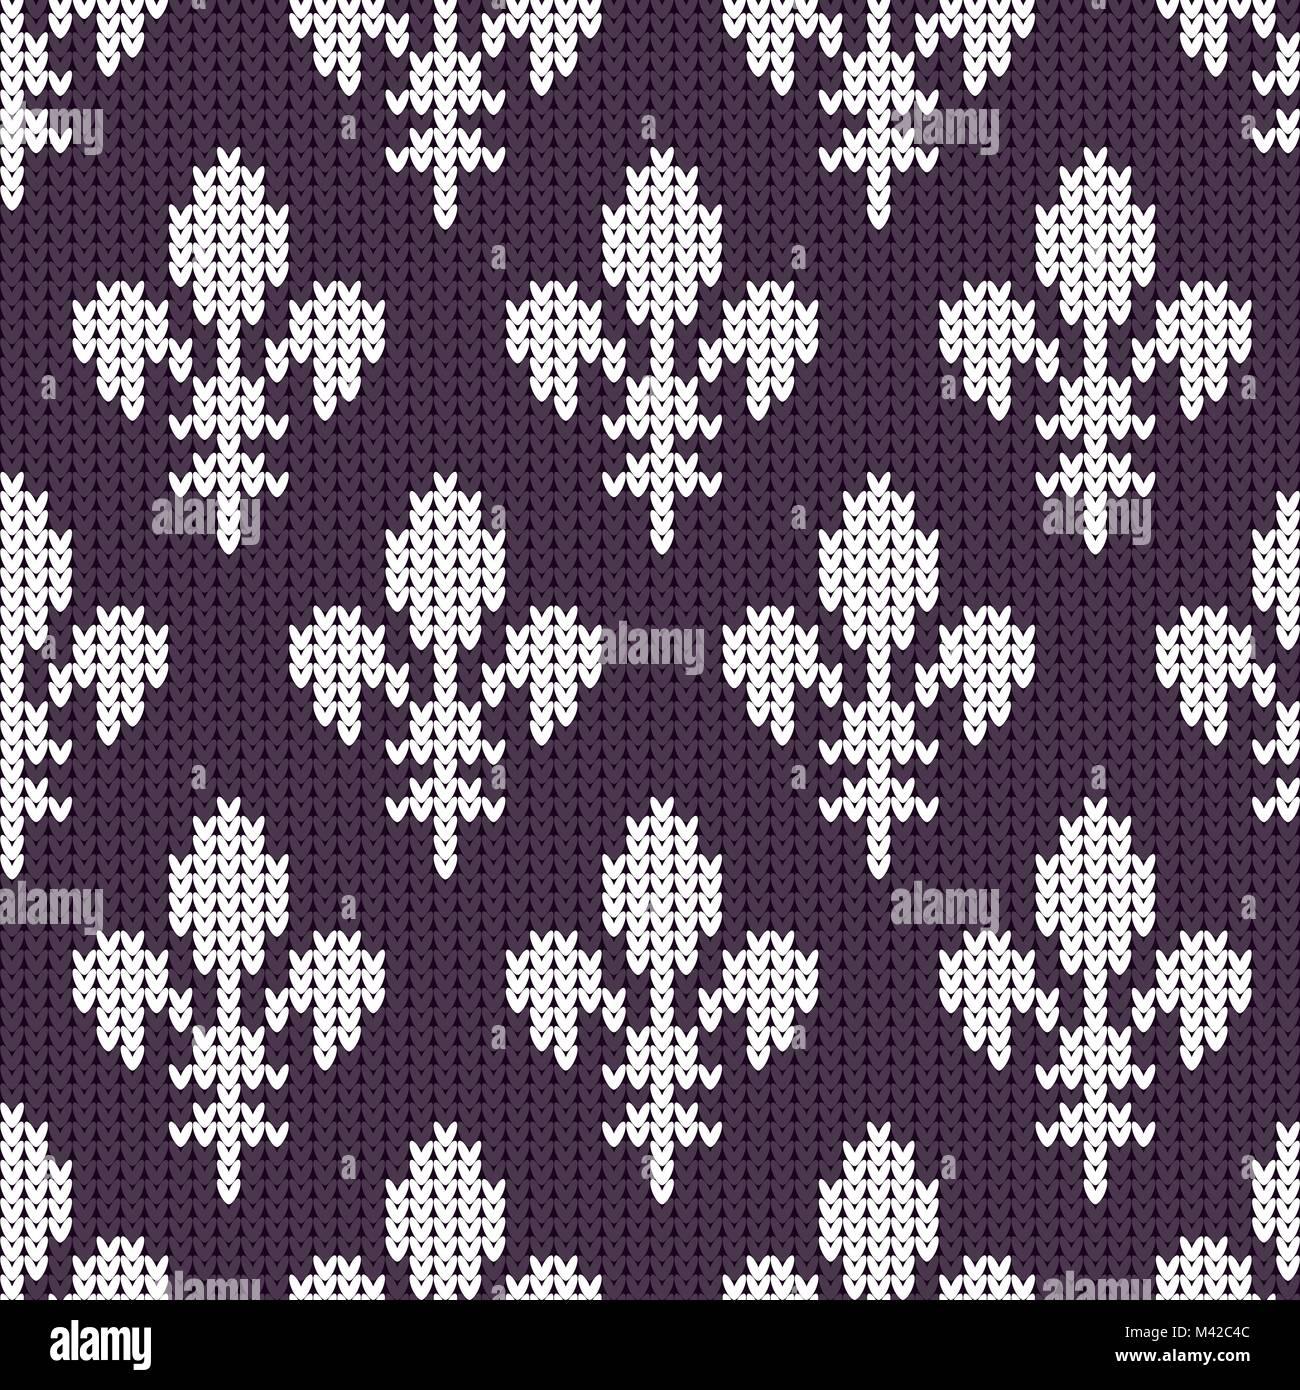 Fleur De Lis On A Seamless Vector Woolen Pattern Knitted Woolen Stock Vector Image Art Alamy